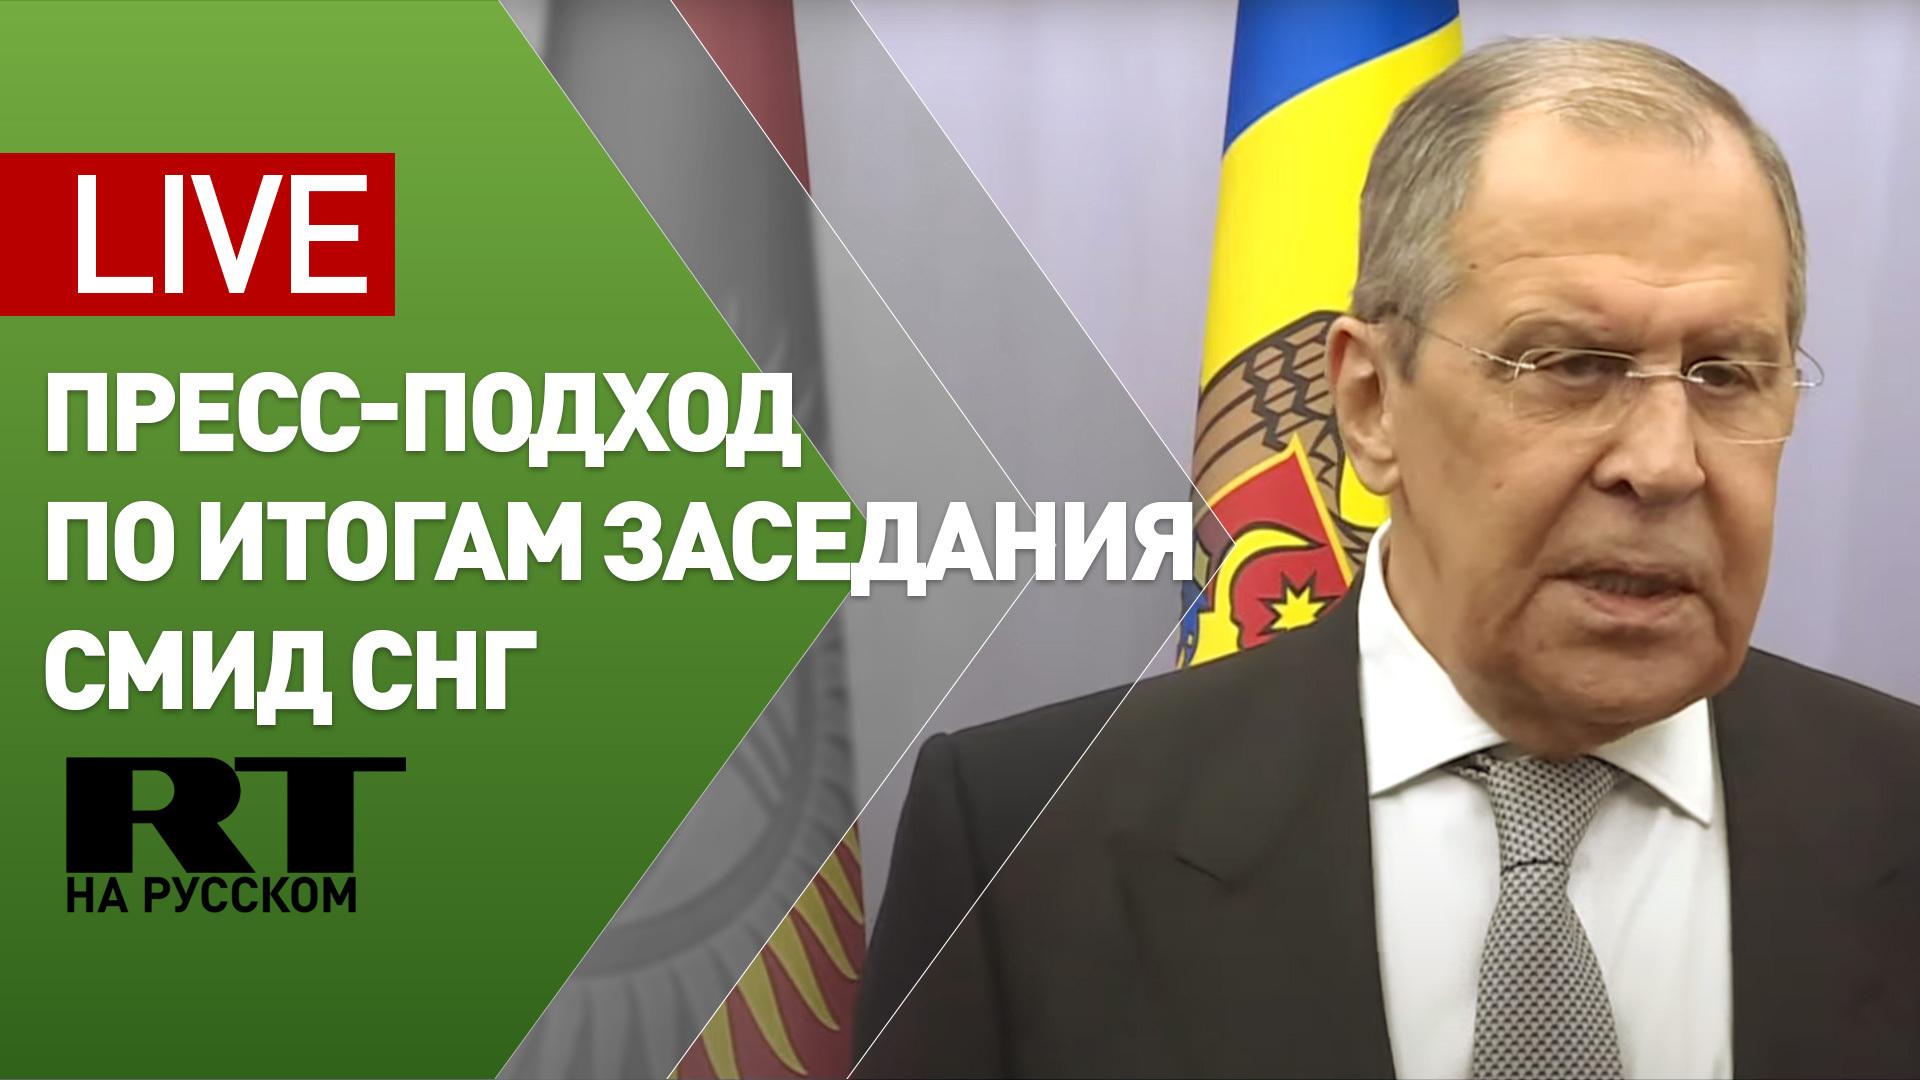 Итоги заседания Совета министров иностранных дел СНГ — LIVE